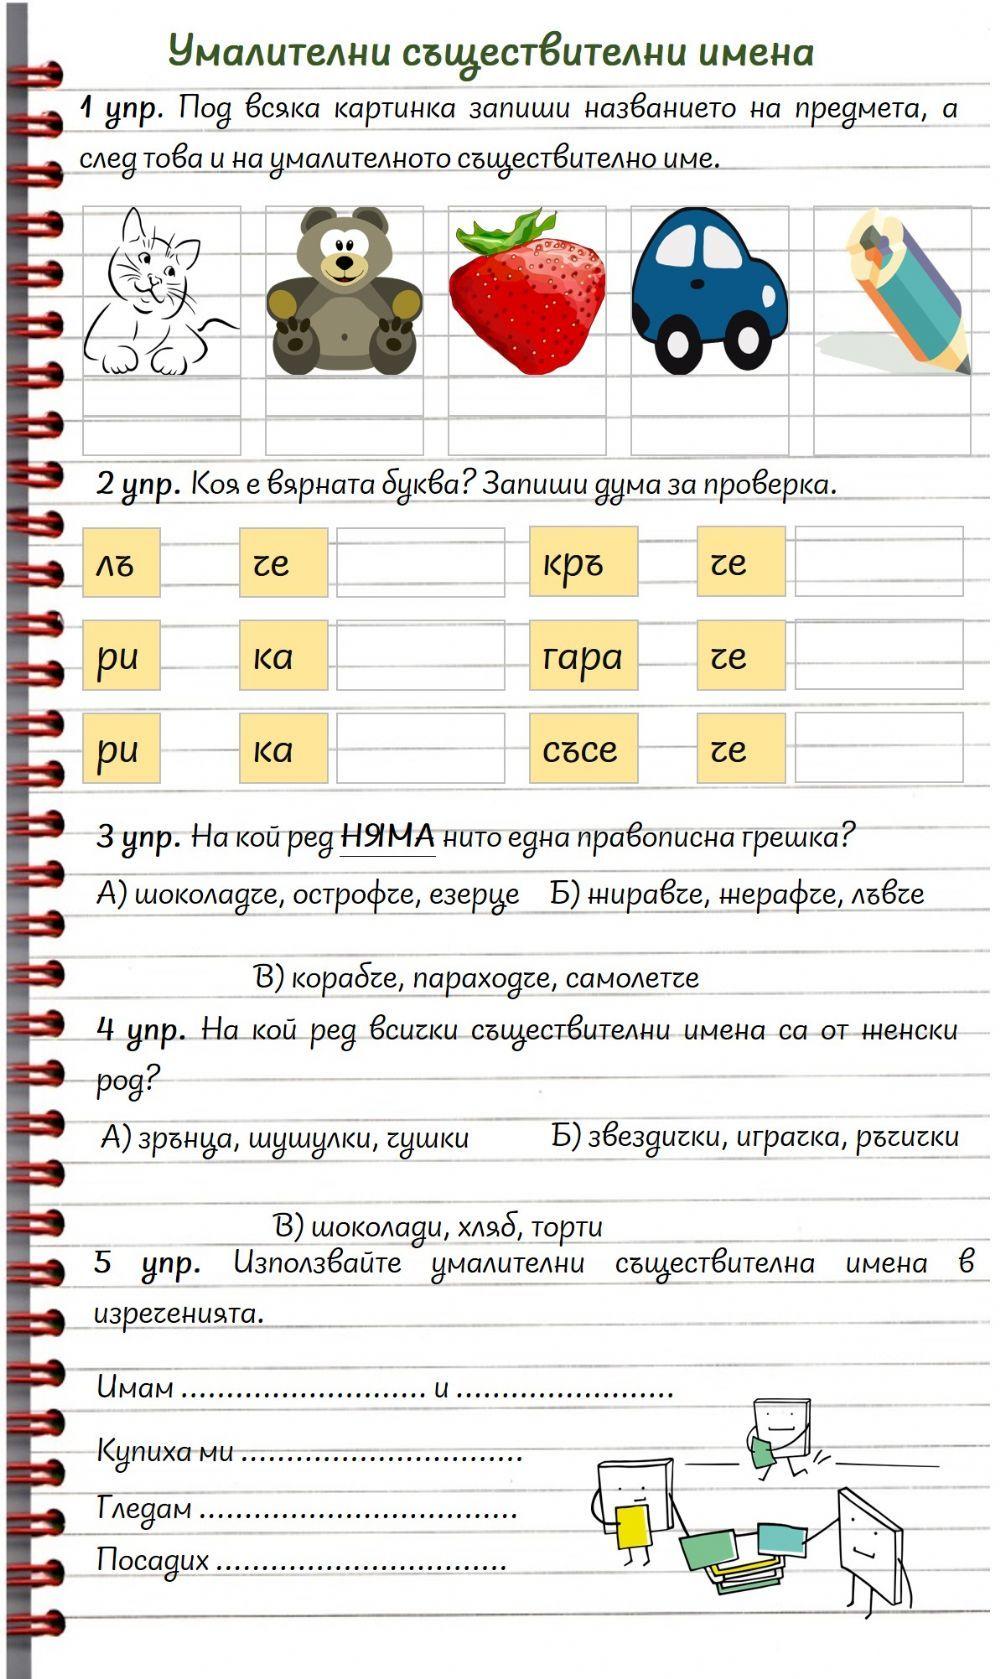 Умалителни съществителни имена1 Interactive worksheet